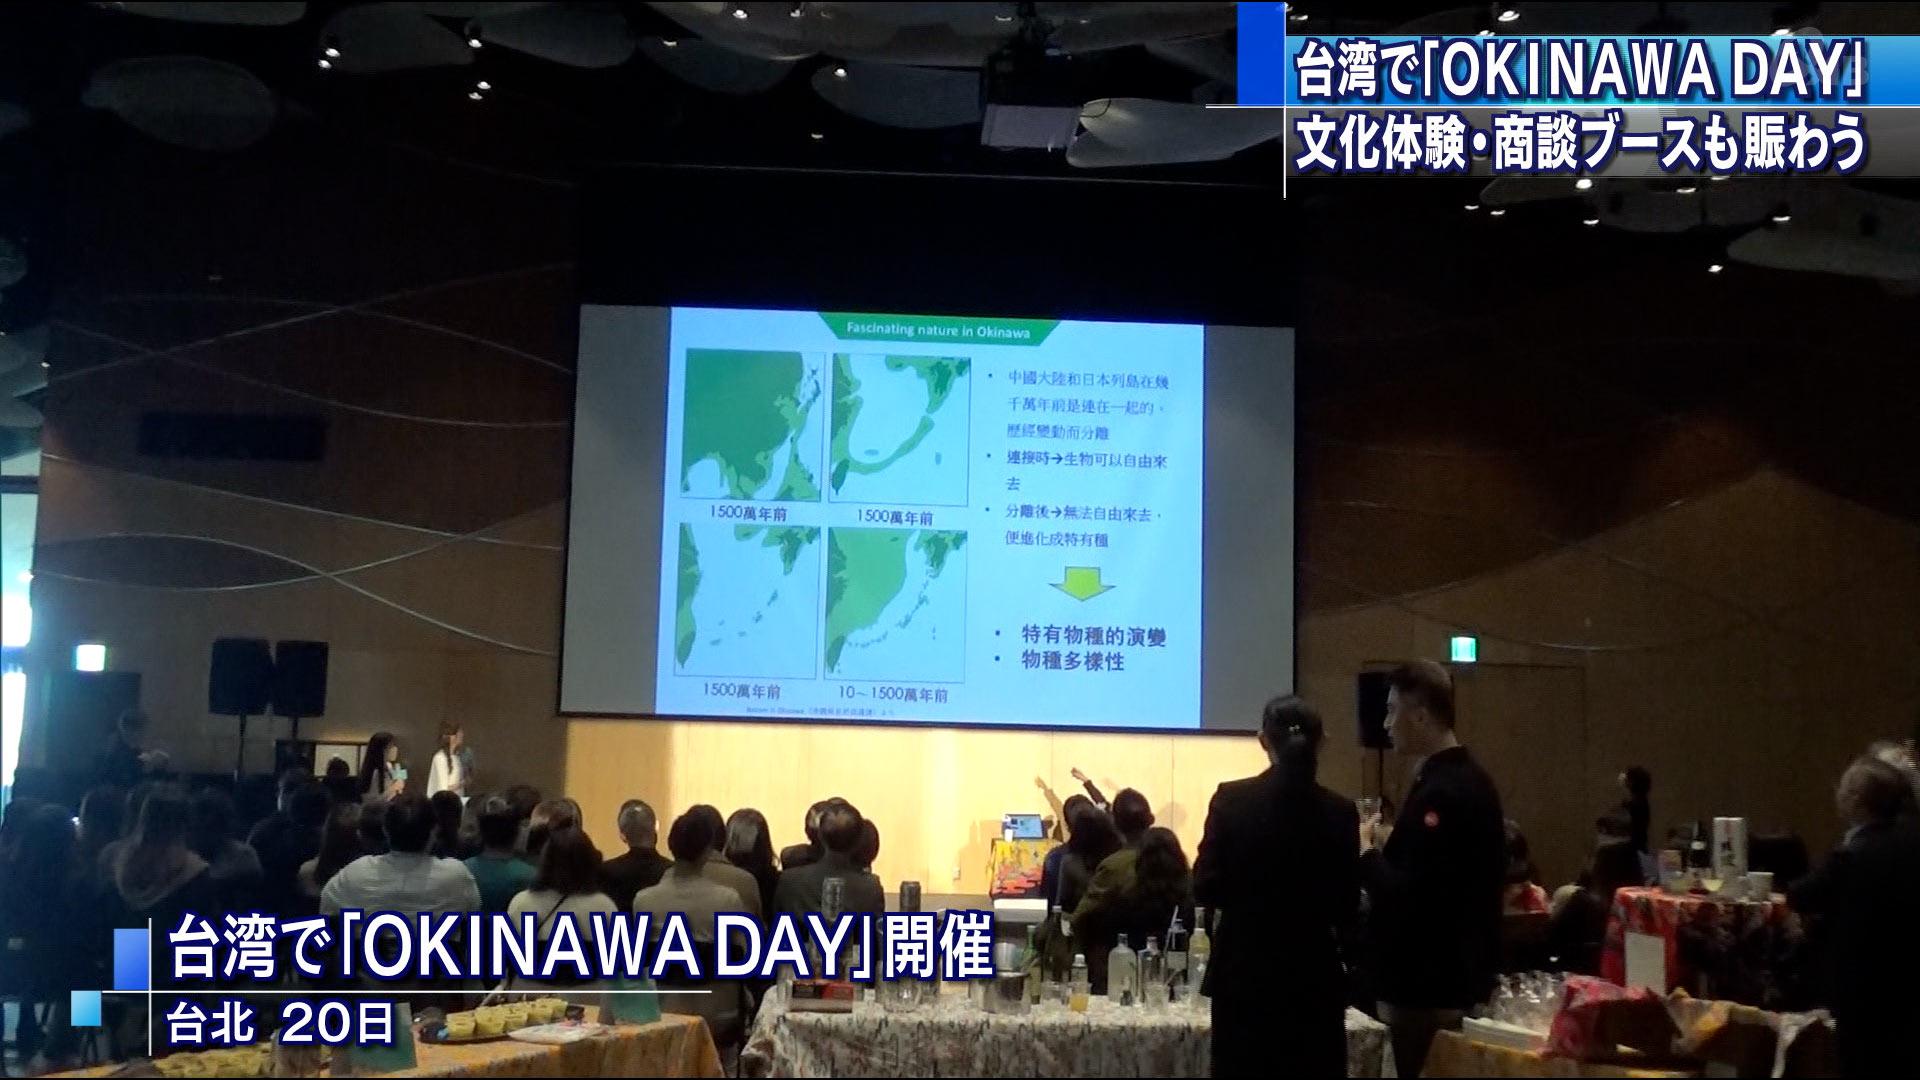 台湾でOKINAWA DAY開催